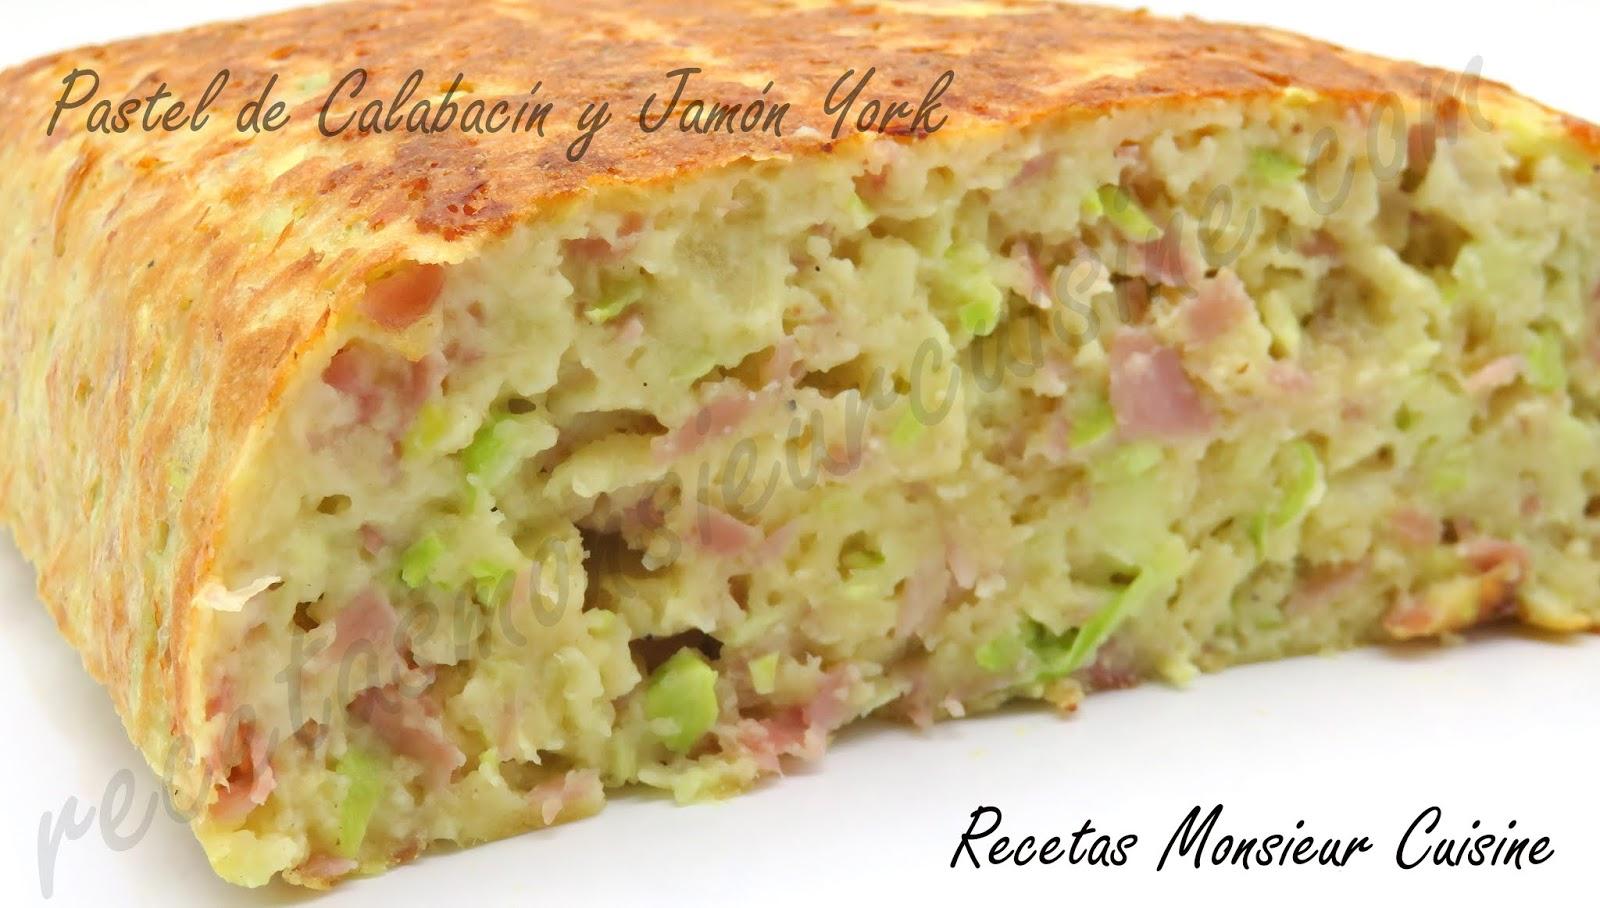 Recetas Monsieur Cuisine Pastel De Calabacín Y Jamón York